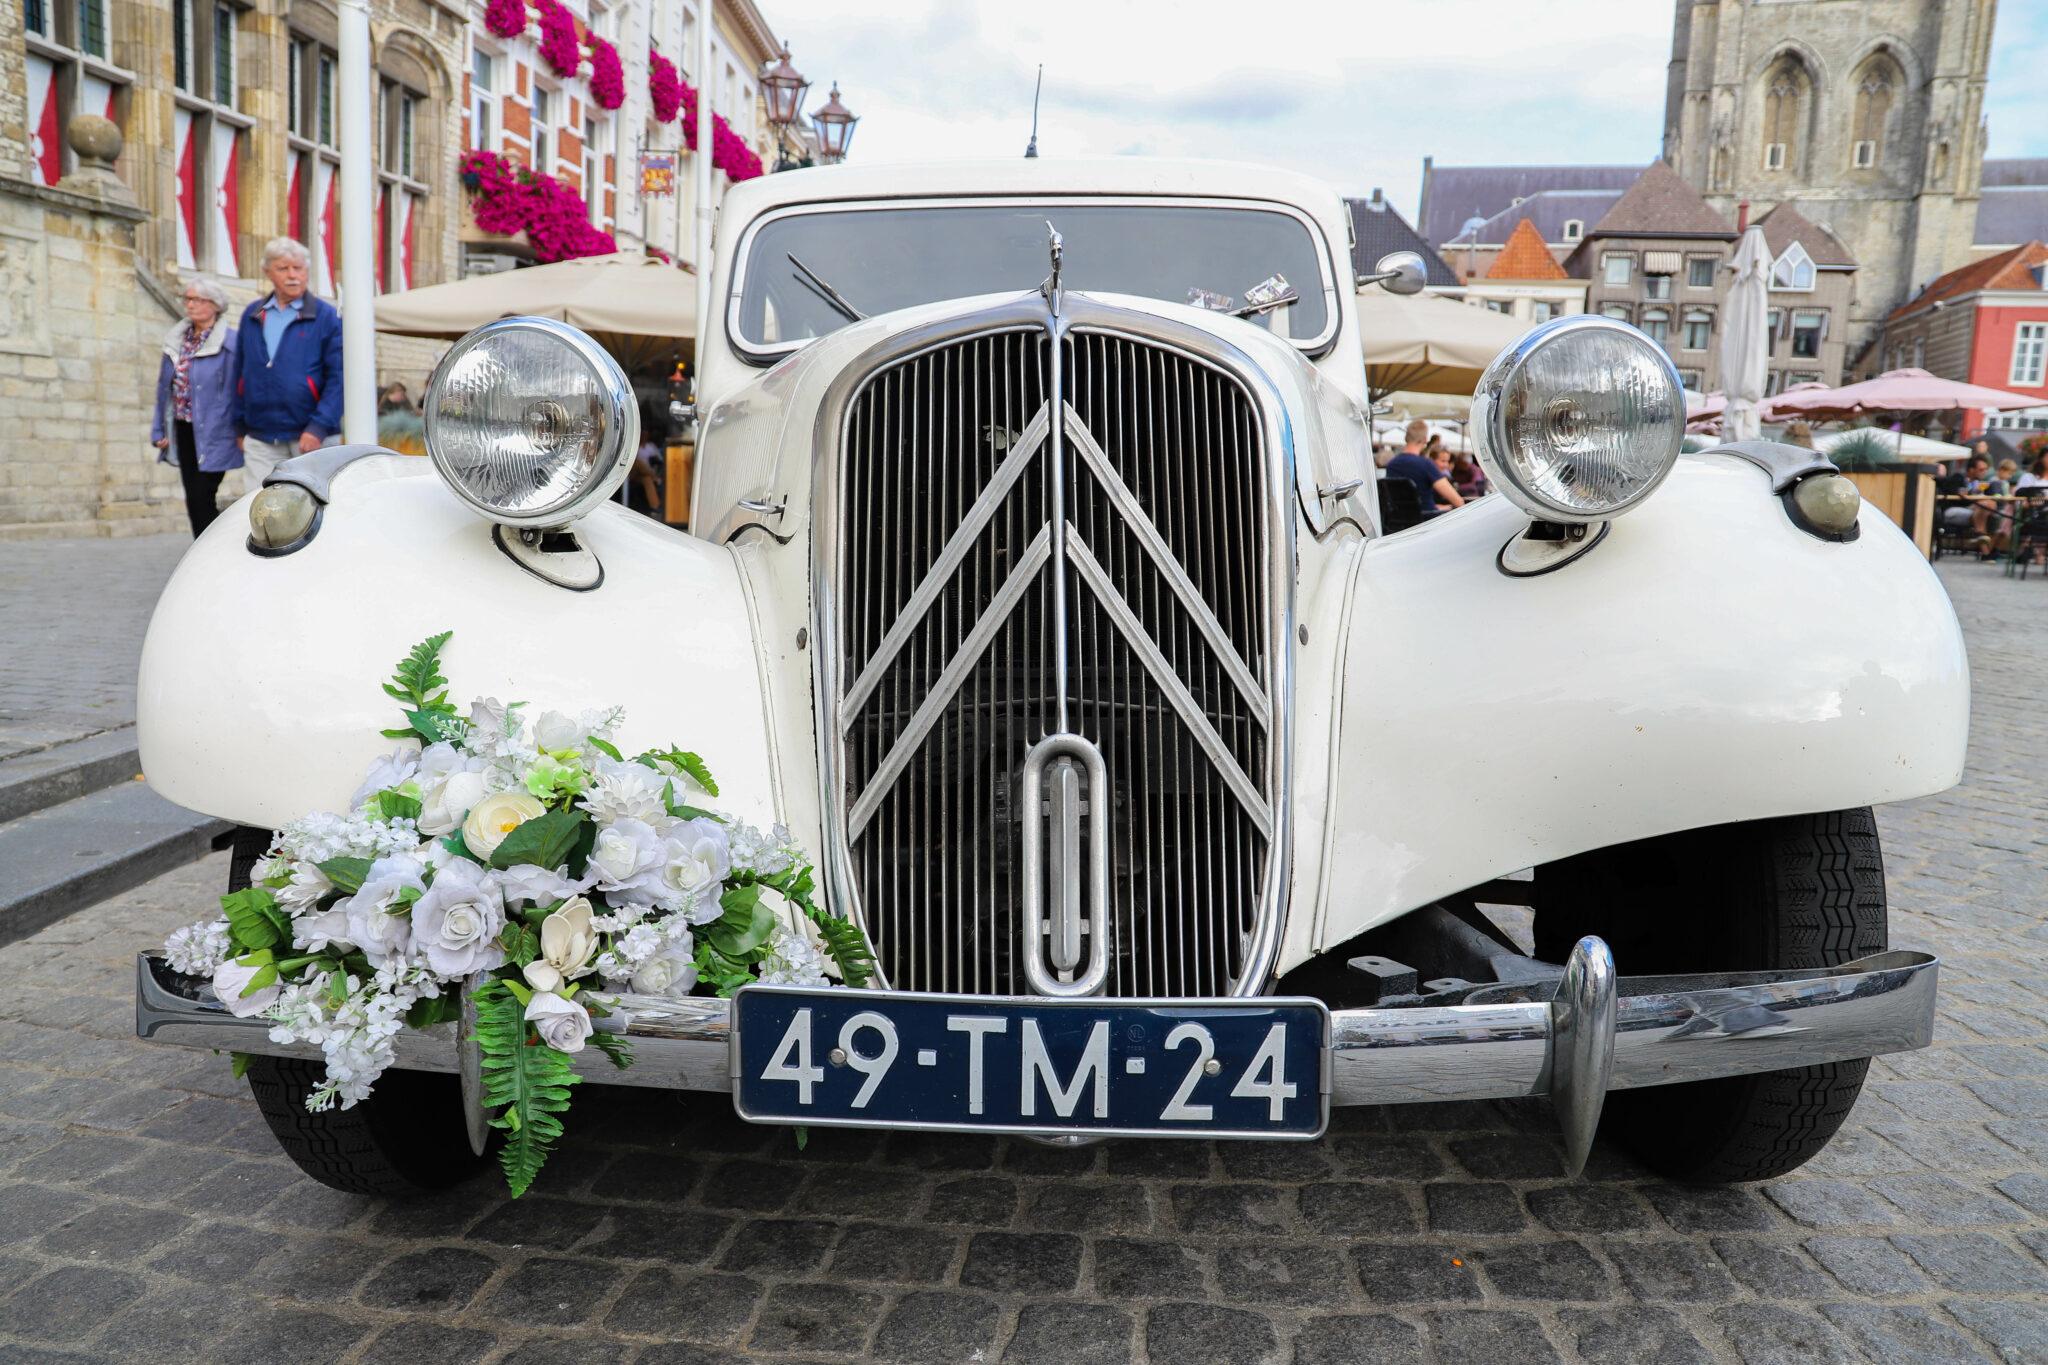 Huwelijk oldtimer auto stadhuis grote markt trouwen